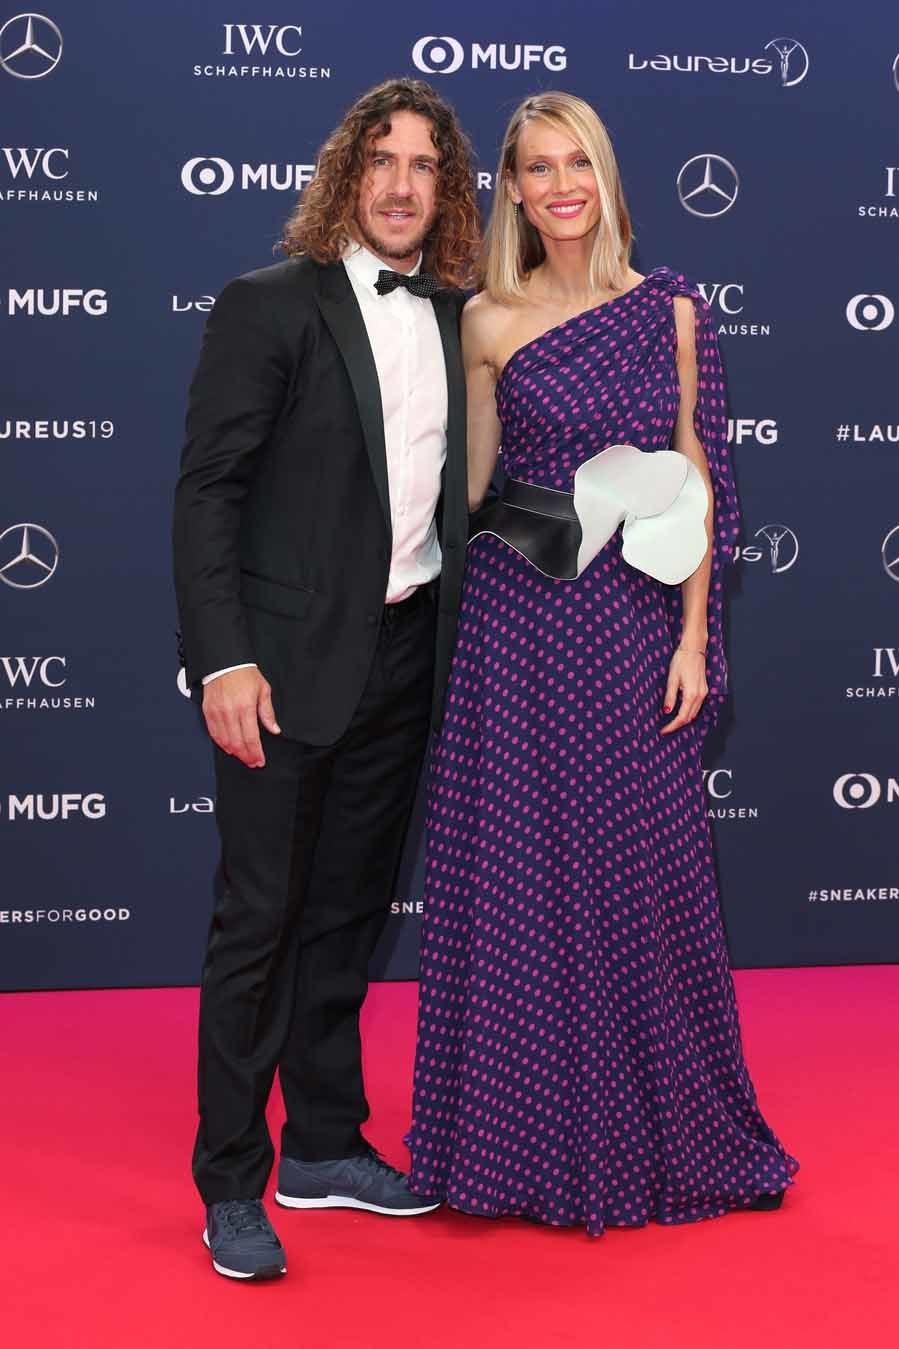 Carles Puyol y Vanessa Lorenzo - Premios Laureus 2019